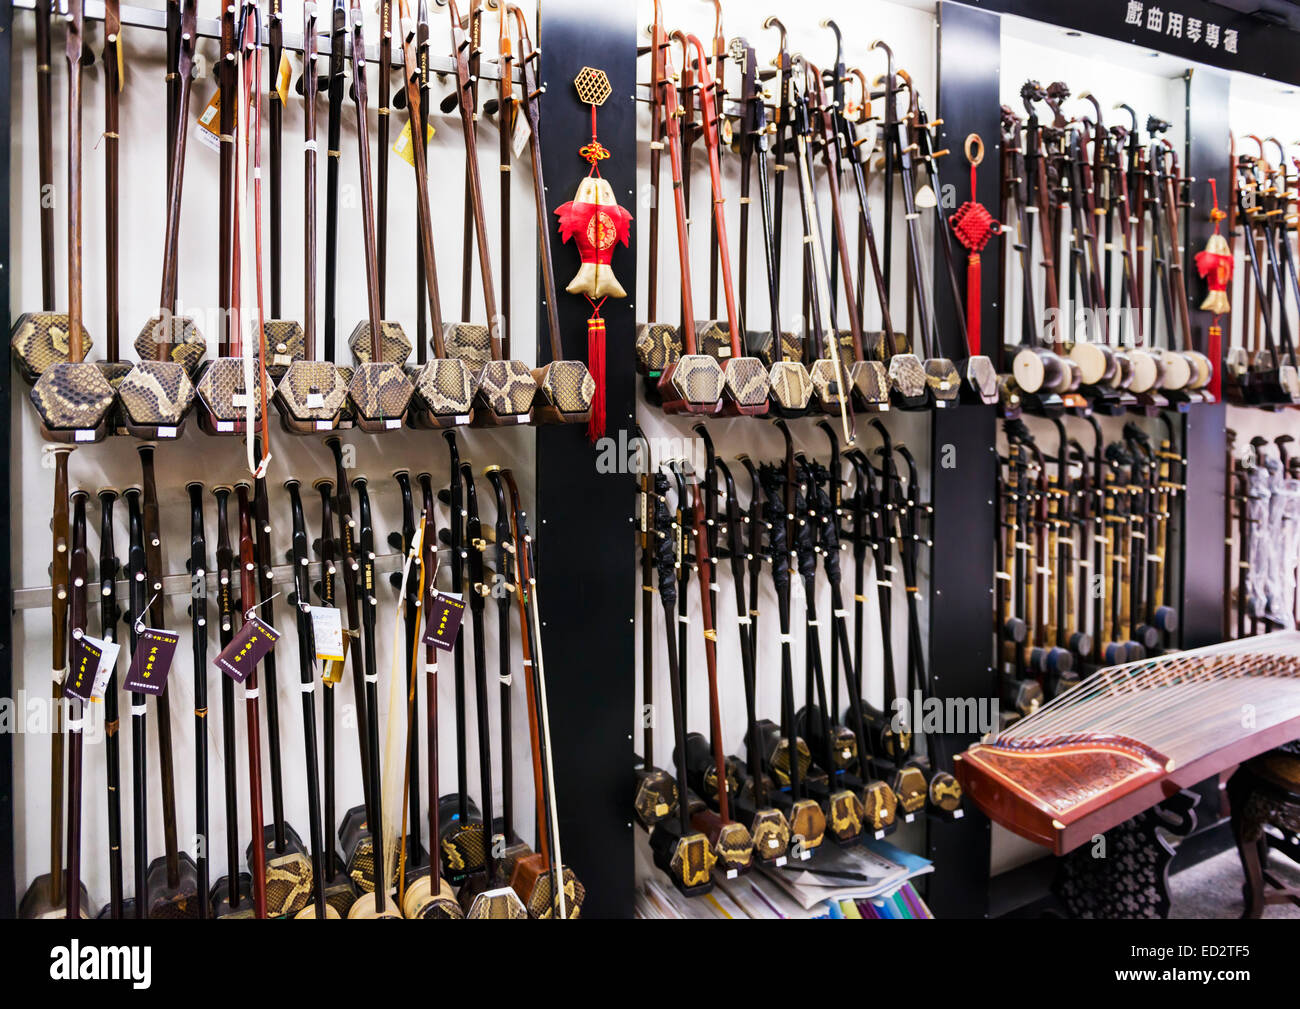 Erhu, Cinese fiddle, strumenti musicali in un negozio a Shanghai in Cina. Immagini Stock